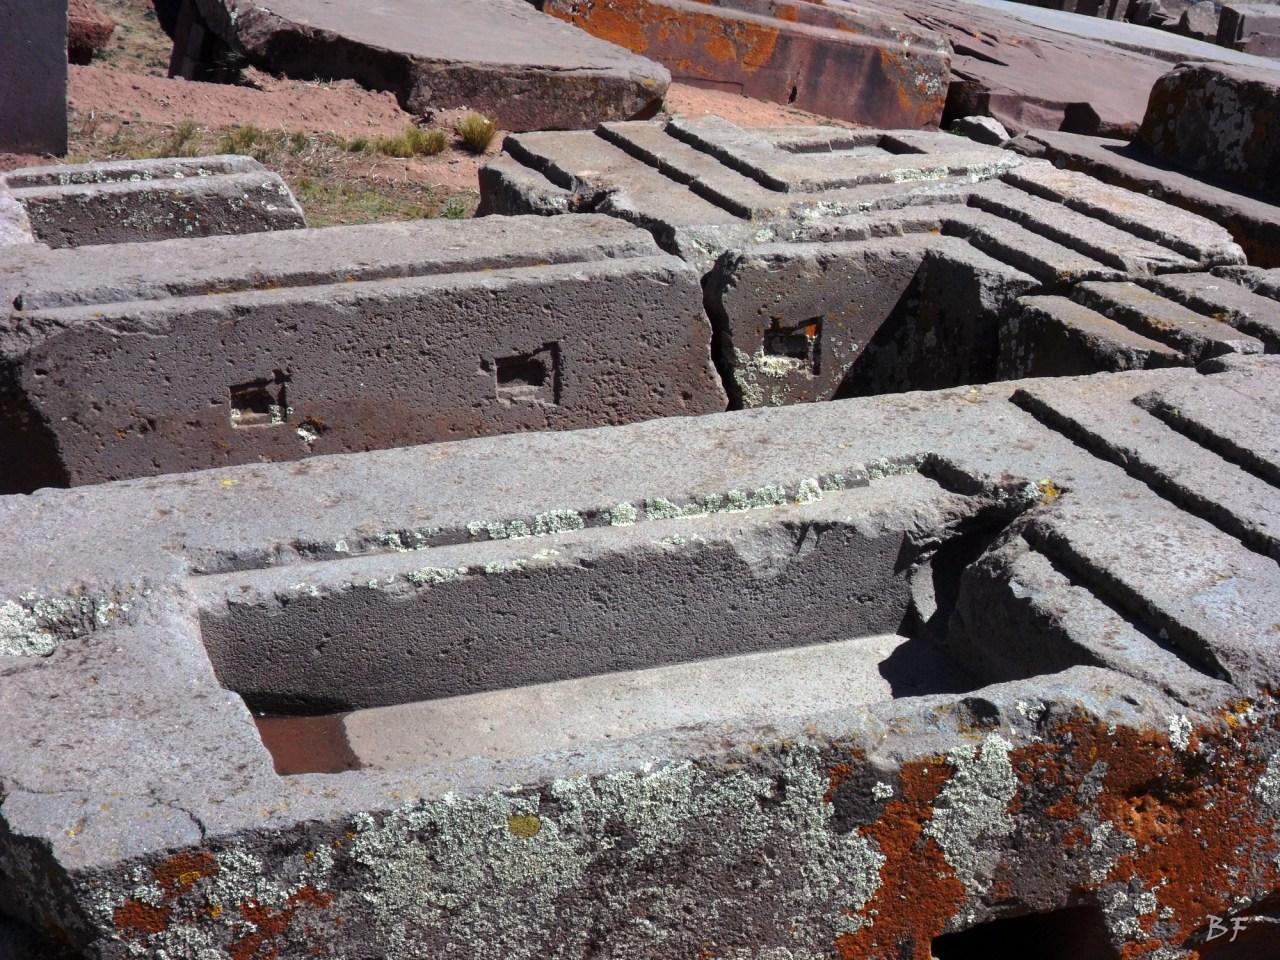 Puma-Punku-Area-Megalitica-Mura-Poligonali-Megaliti-Tiwanaku-Tiahuanaco-Bolivia-74